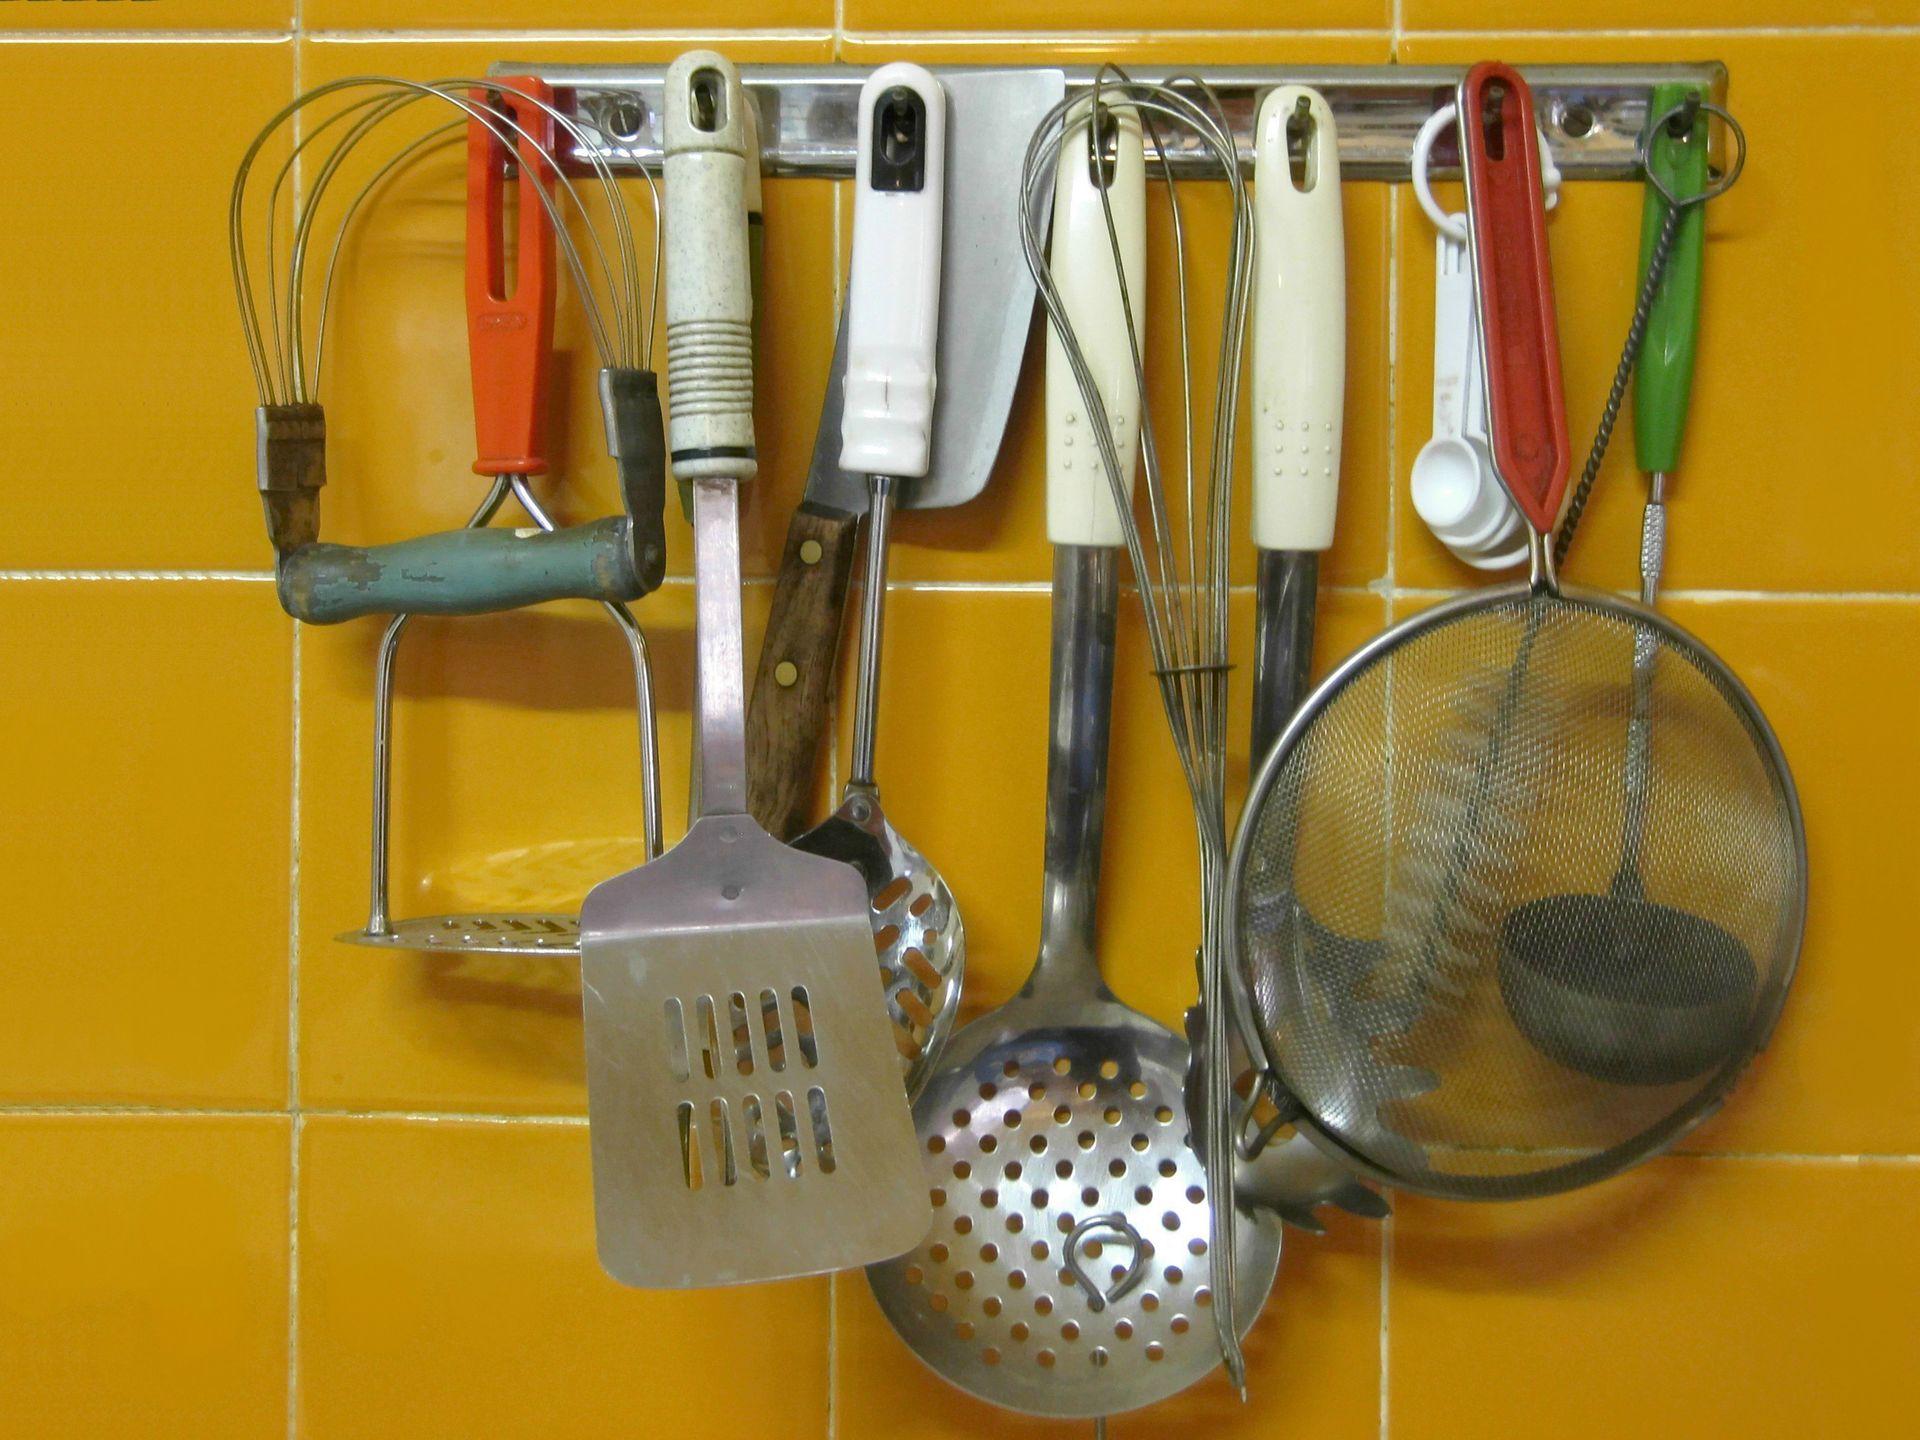 kitchen_utensils-01-cooking